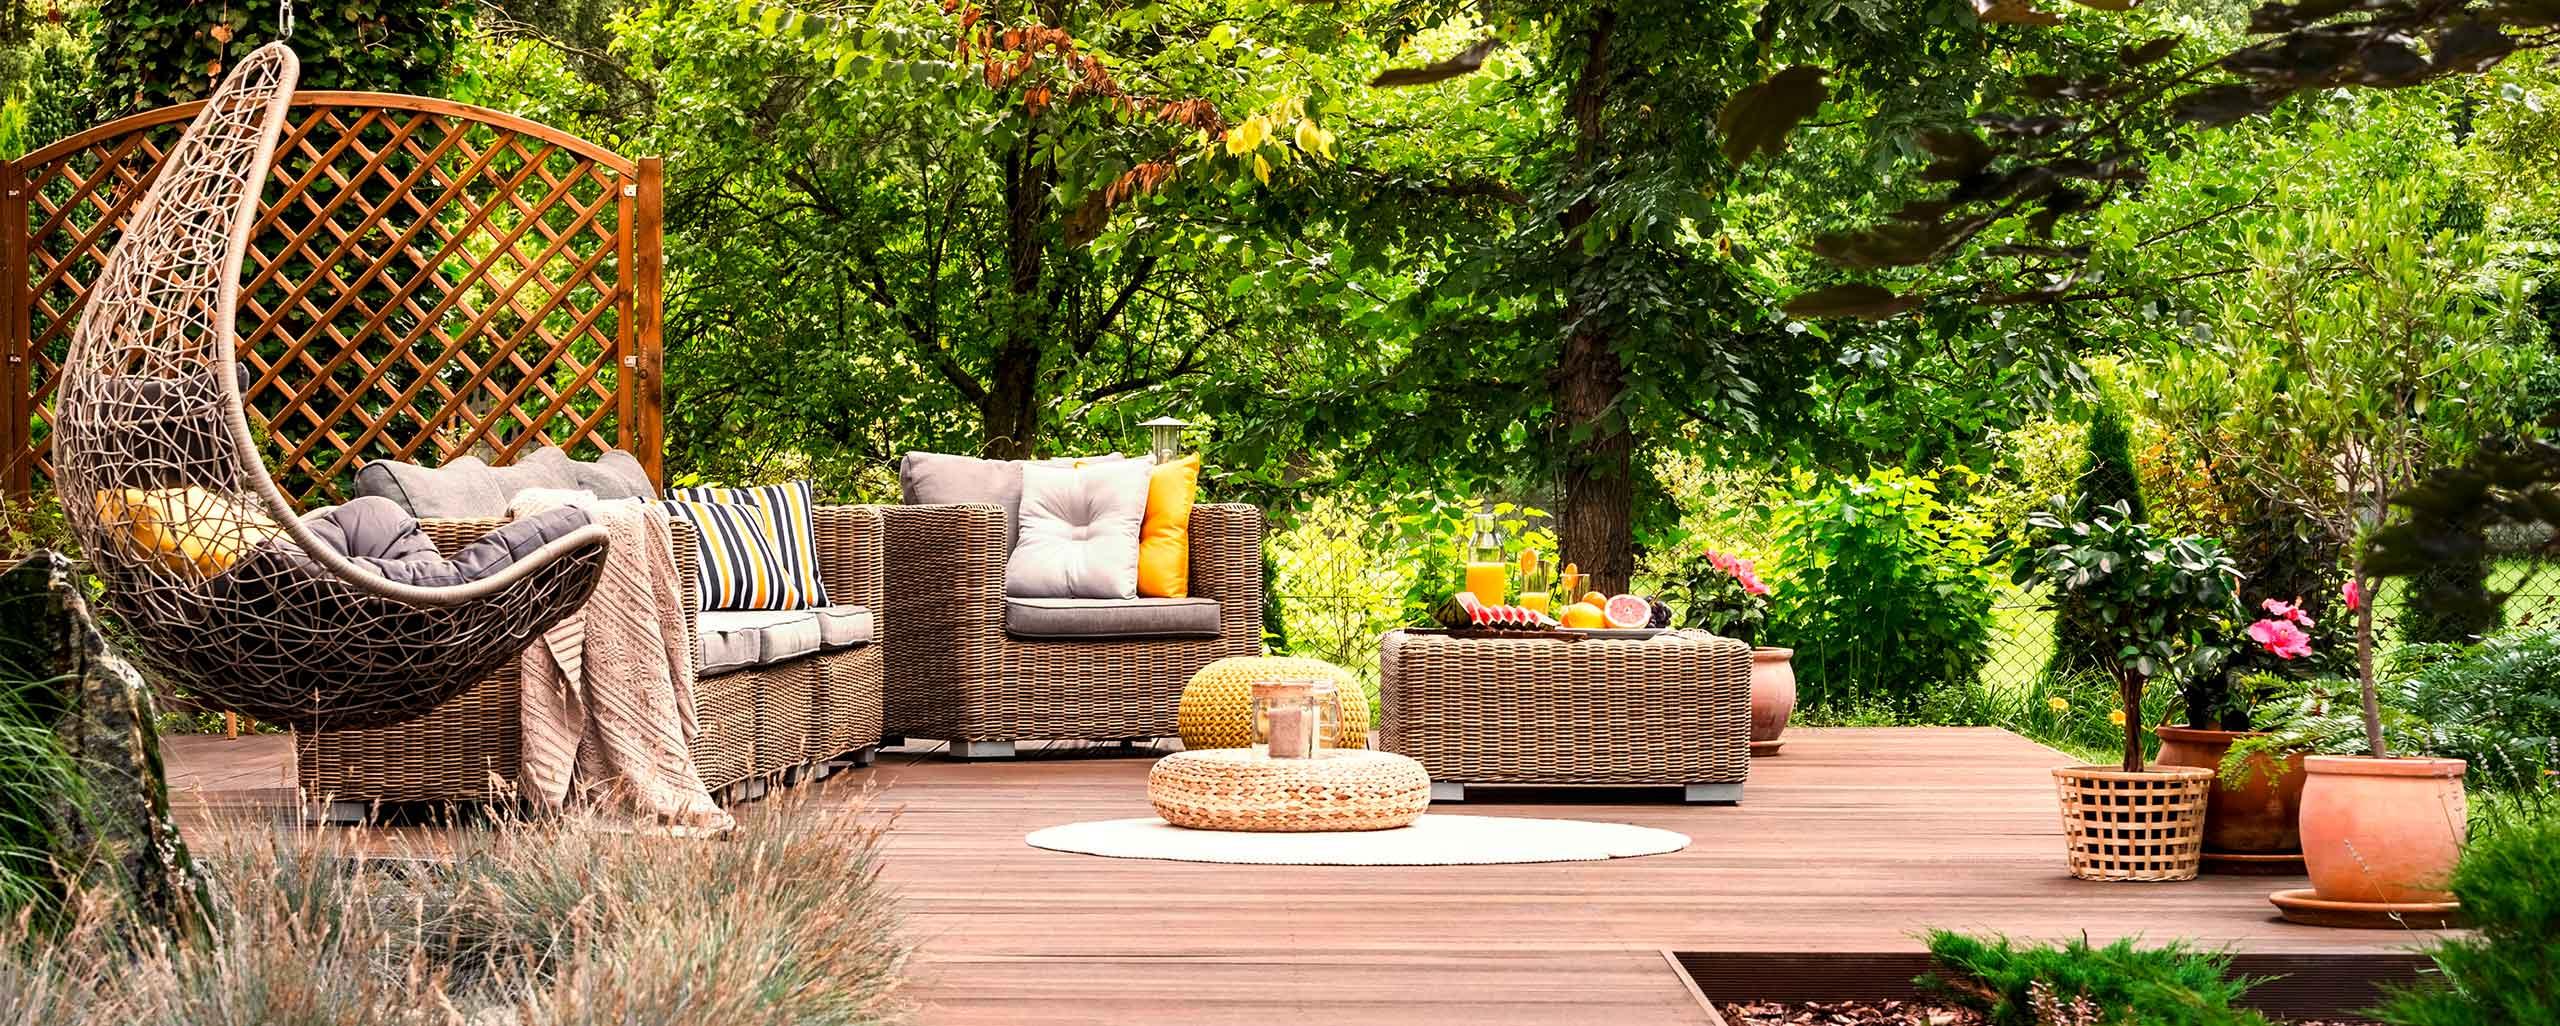 Holz im Garten und mit einer Terrasse von Tolle Angebote von BWE in Unterschleißheim.